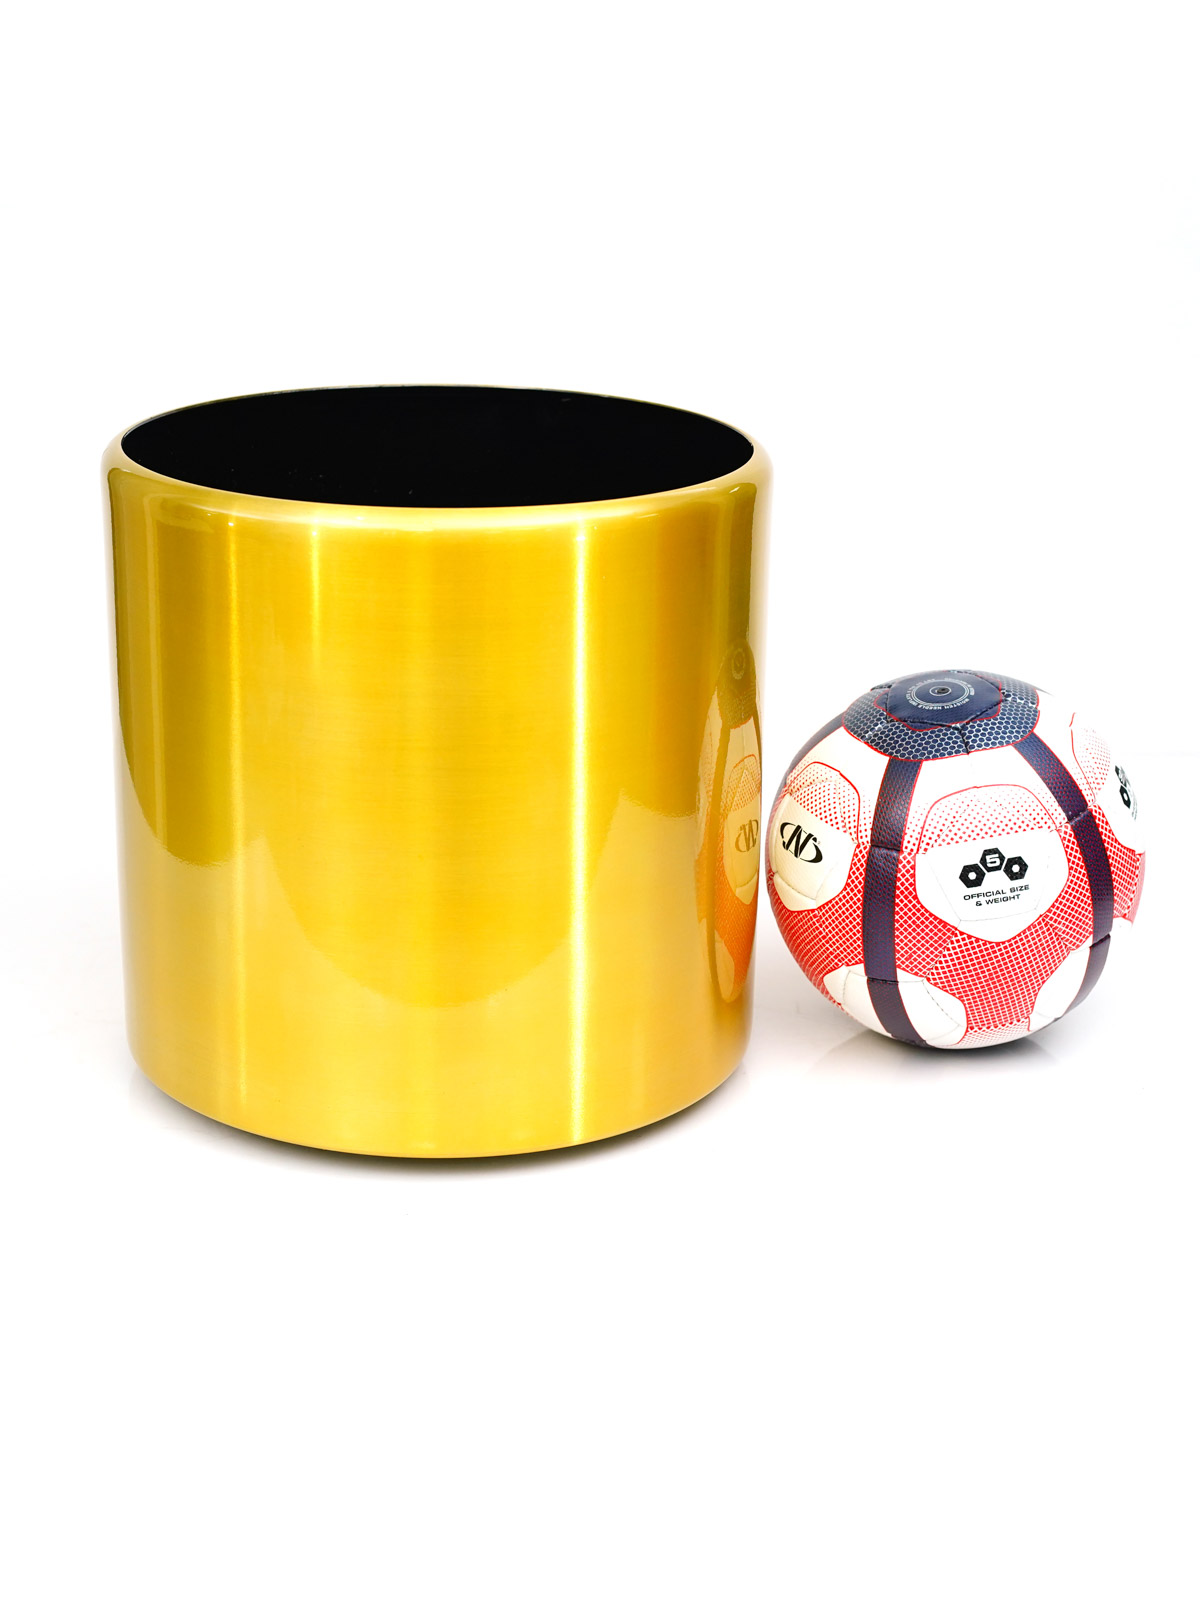 Aluminium Pot with Wheel Pots & Vases Metal Pots